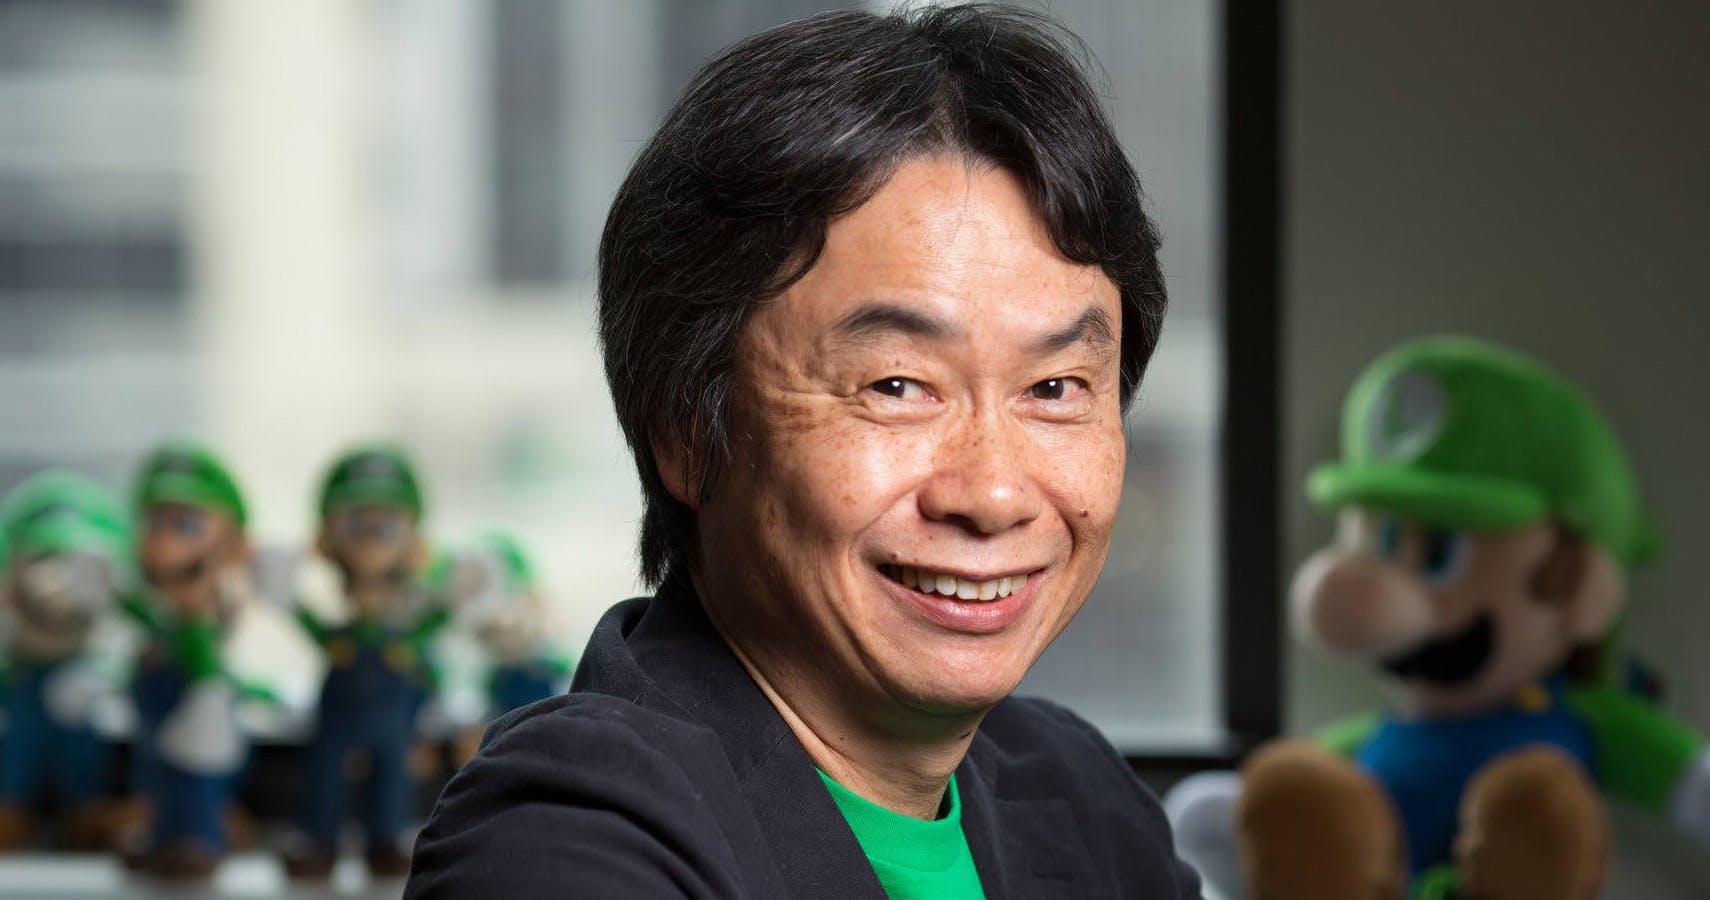 نظر شیگرو میاموتو در رابطه با پردازش ابری بازیهای ویدئویی